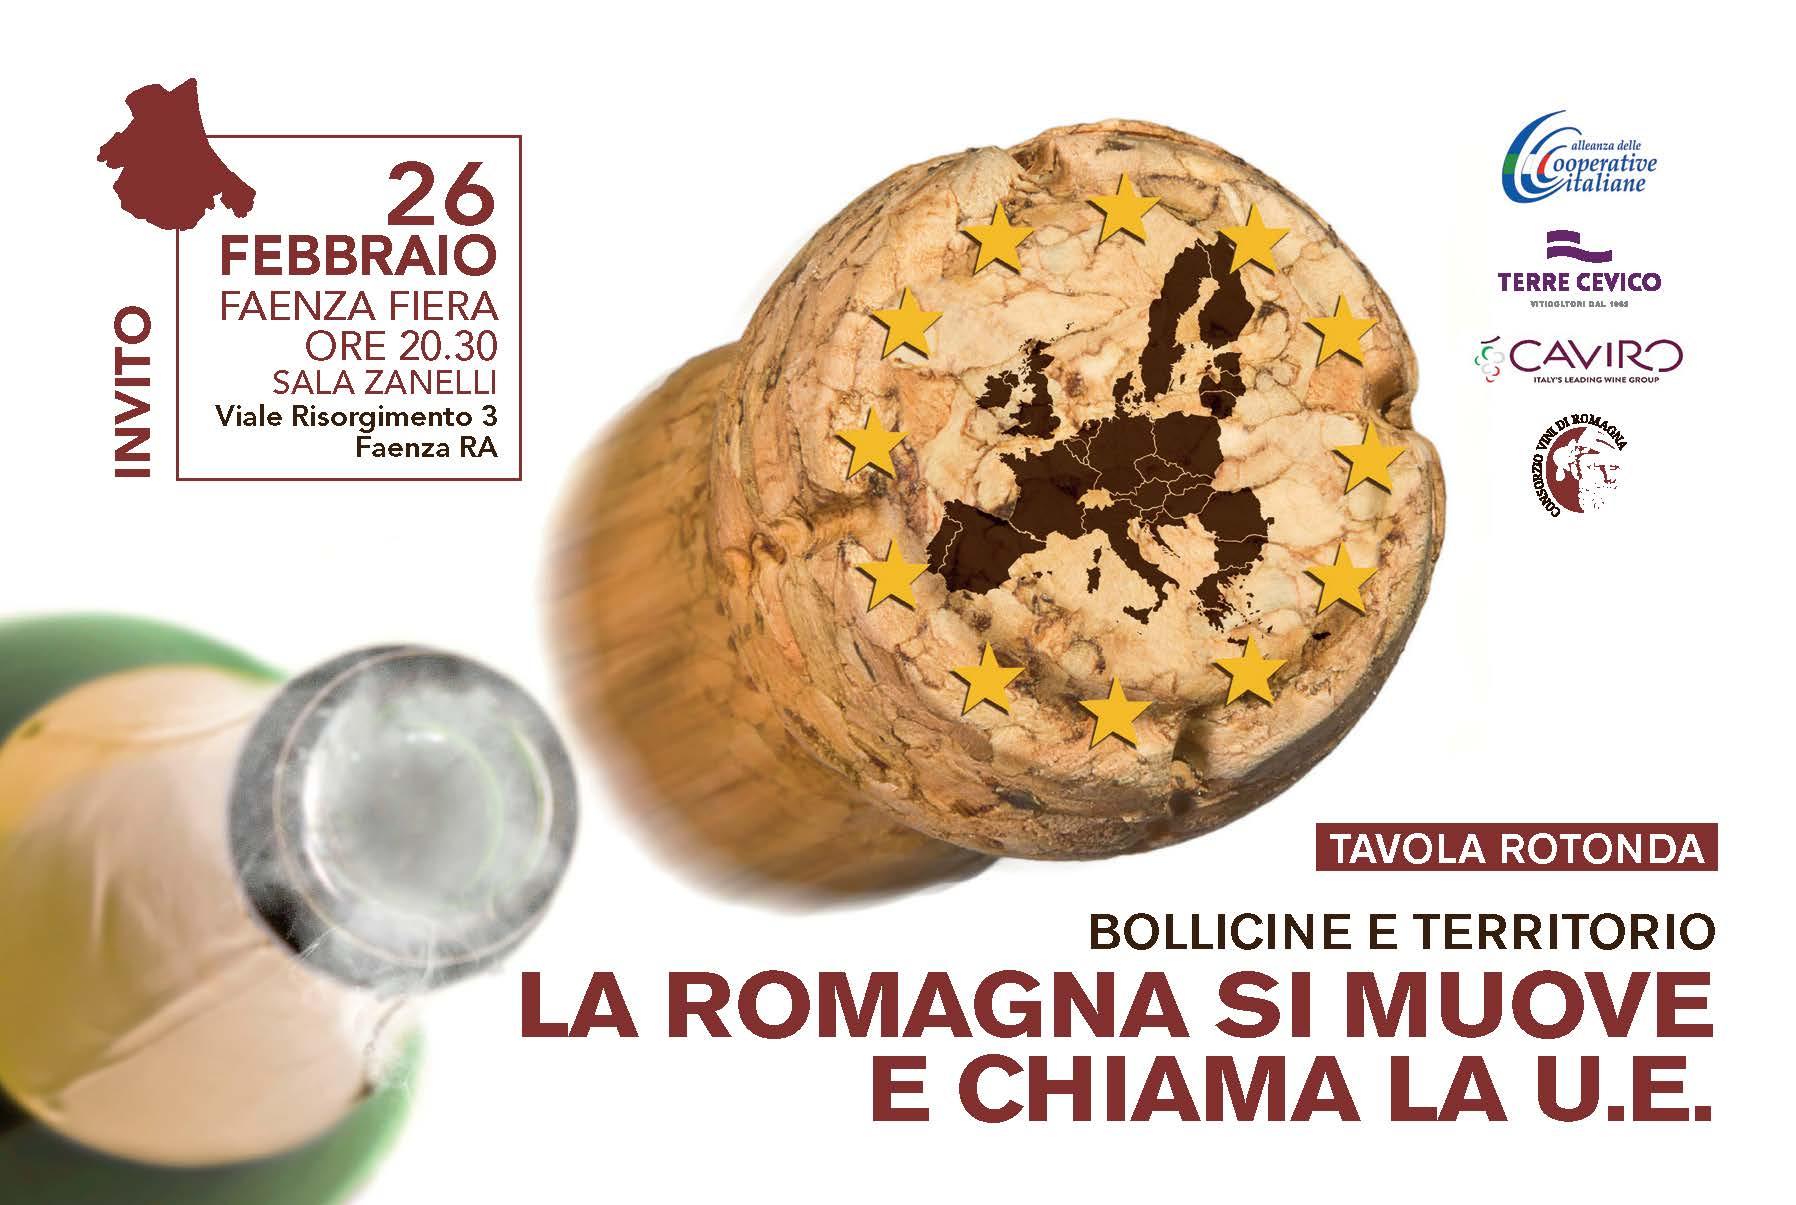 Europa, bollicine e territorio: il 26 febbraio tavola rotonda ACI a Faenza